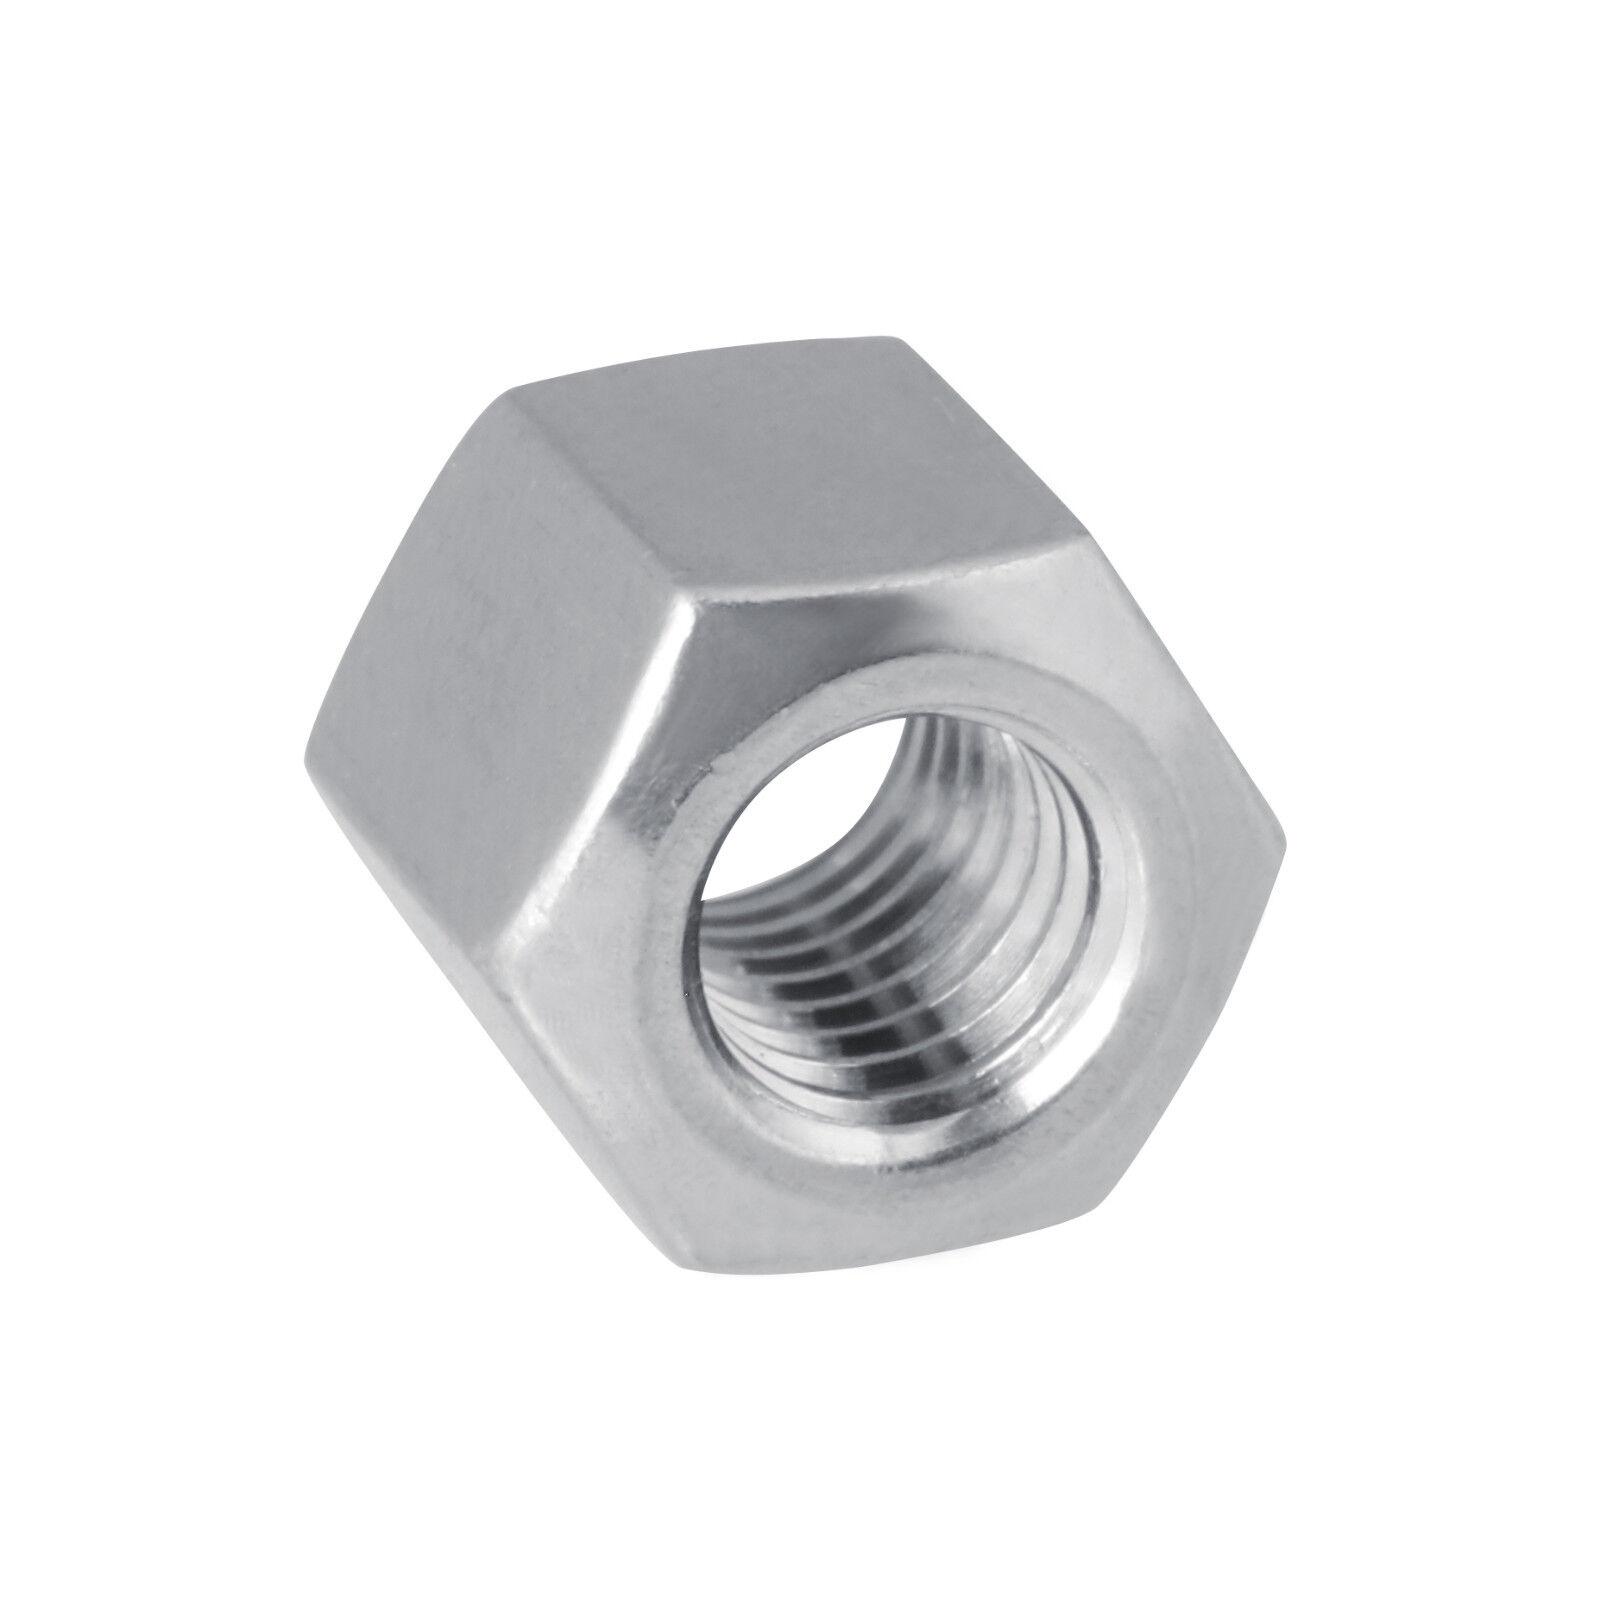 DIN6330 Sechskantmutter kugelige Auflagefläche Edelstahl Stahl A2, A4, Stahl 10